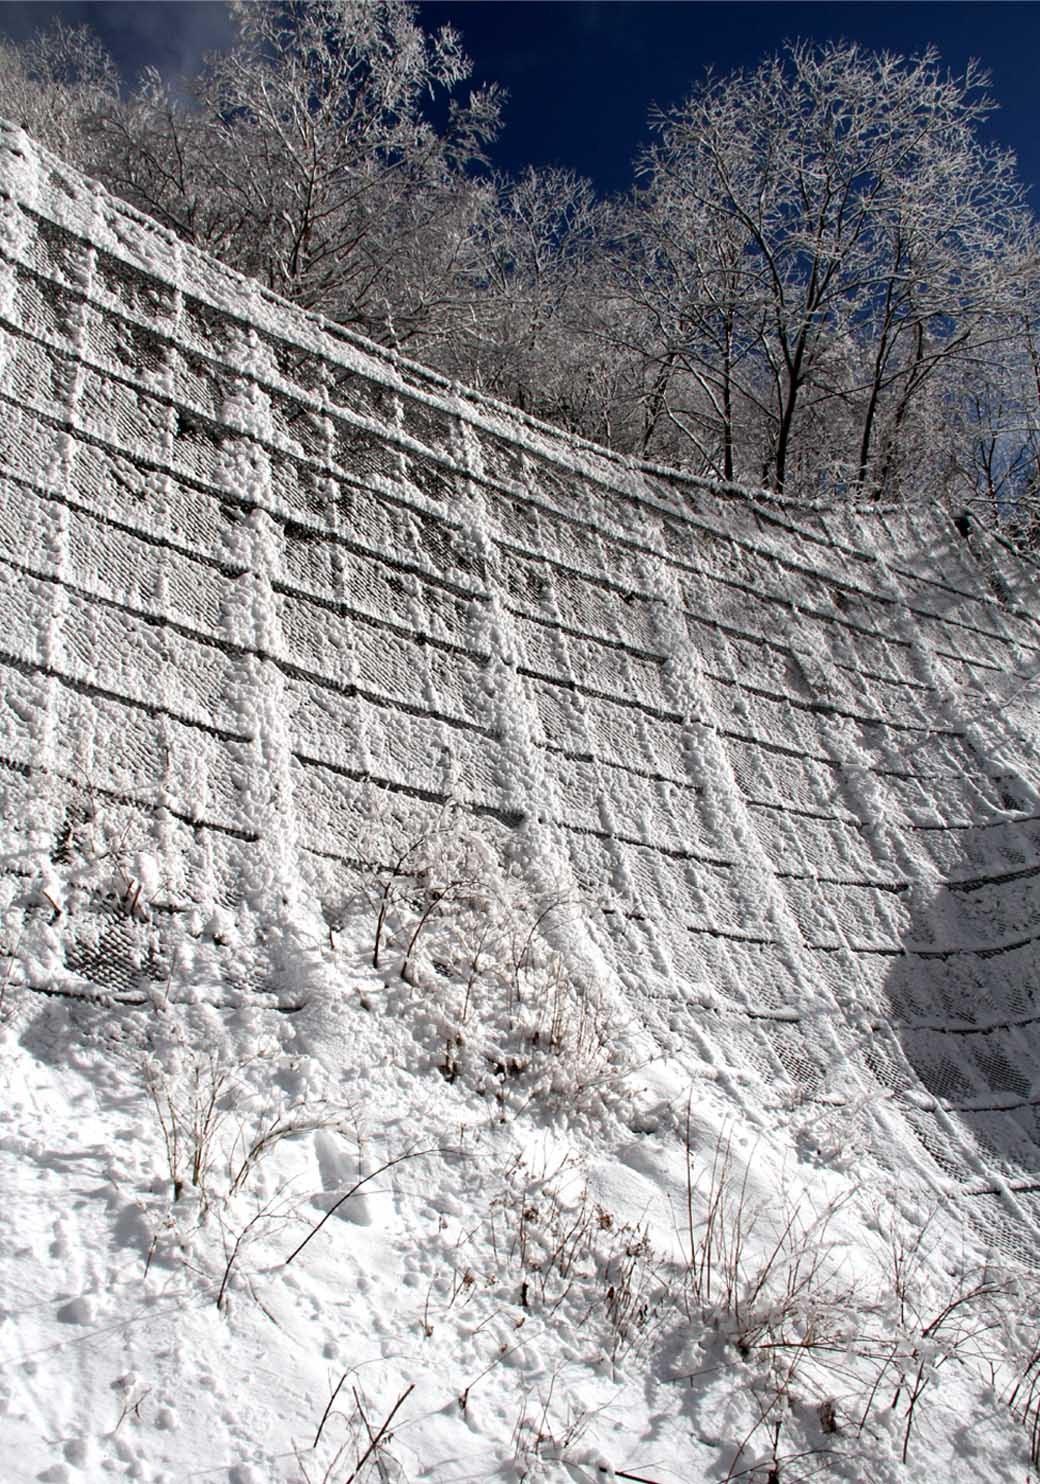 国際標準雪崩レスキュー (36)★